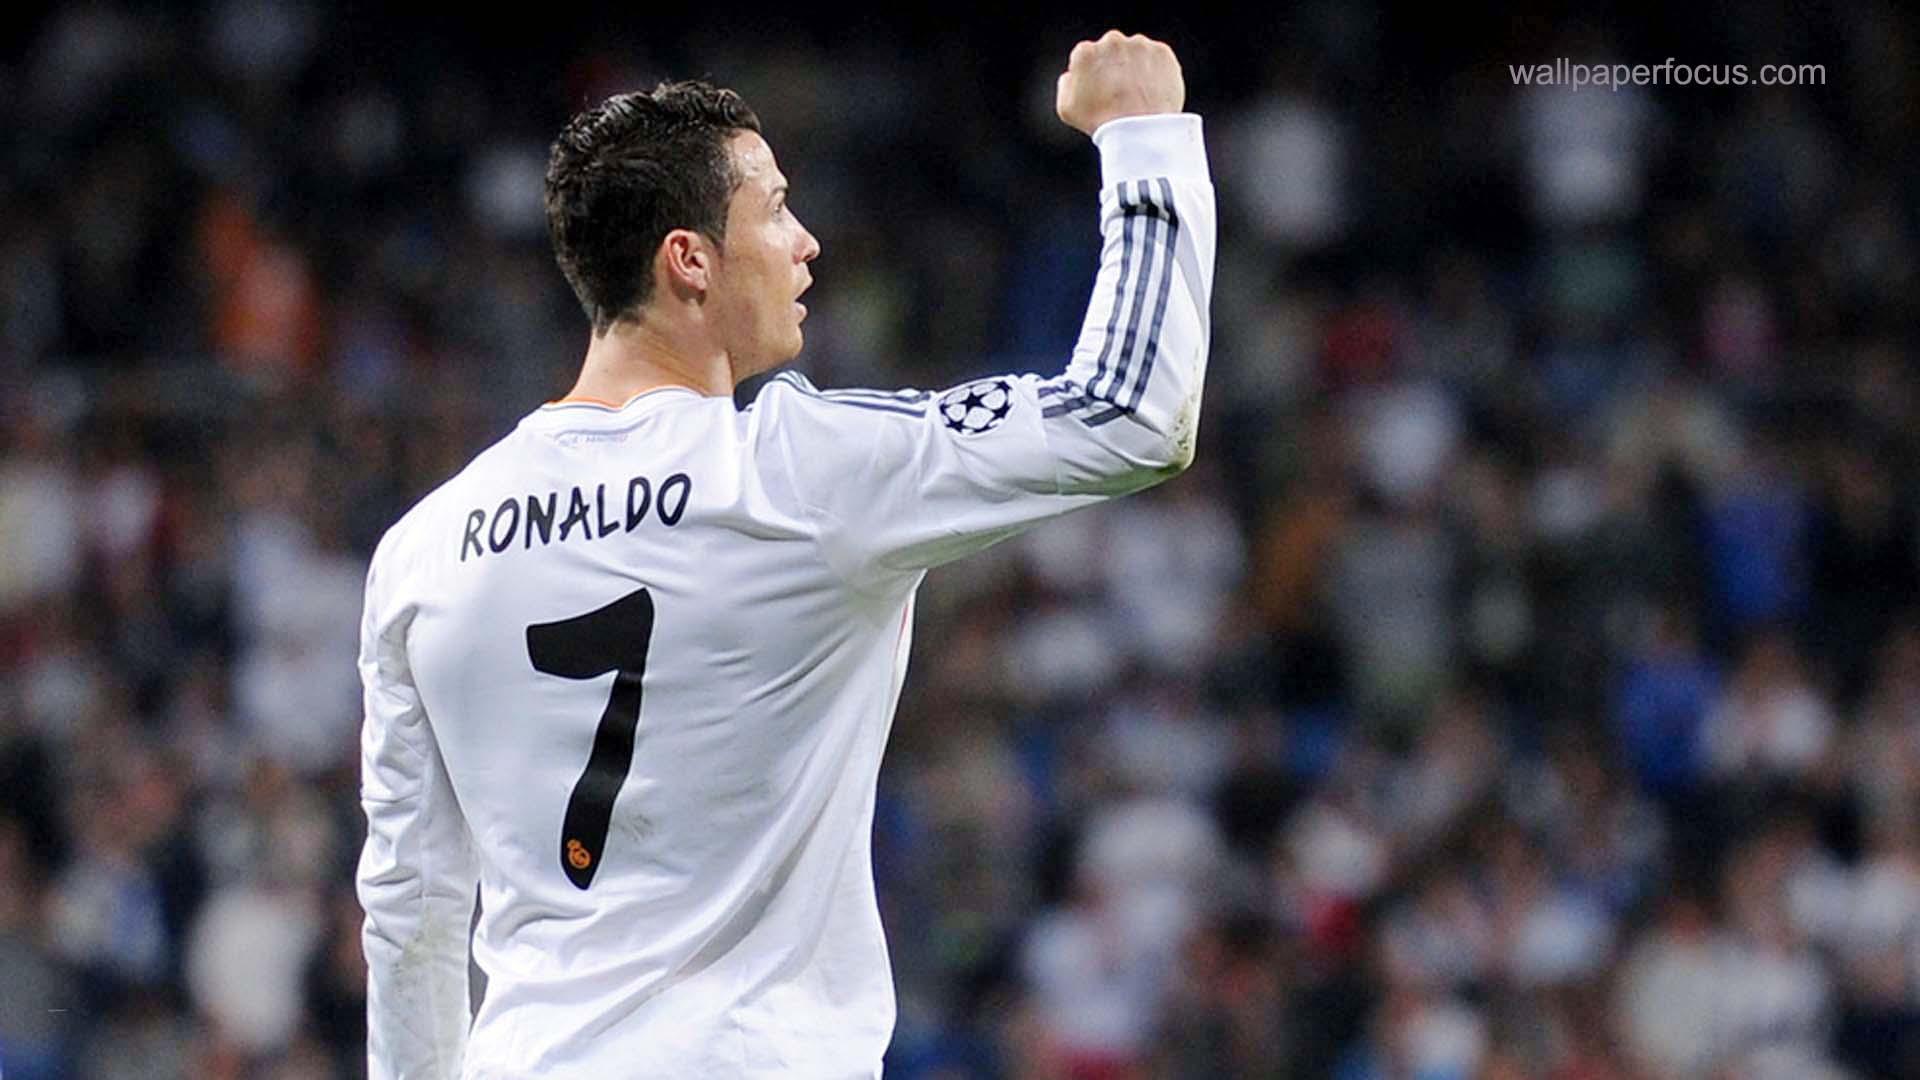 Hd wallpaper ronaldo - Hd Wallpaper Ronaldo Johnnydepp2015 Wallpaper Free Kemecer Com